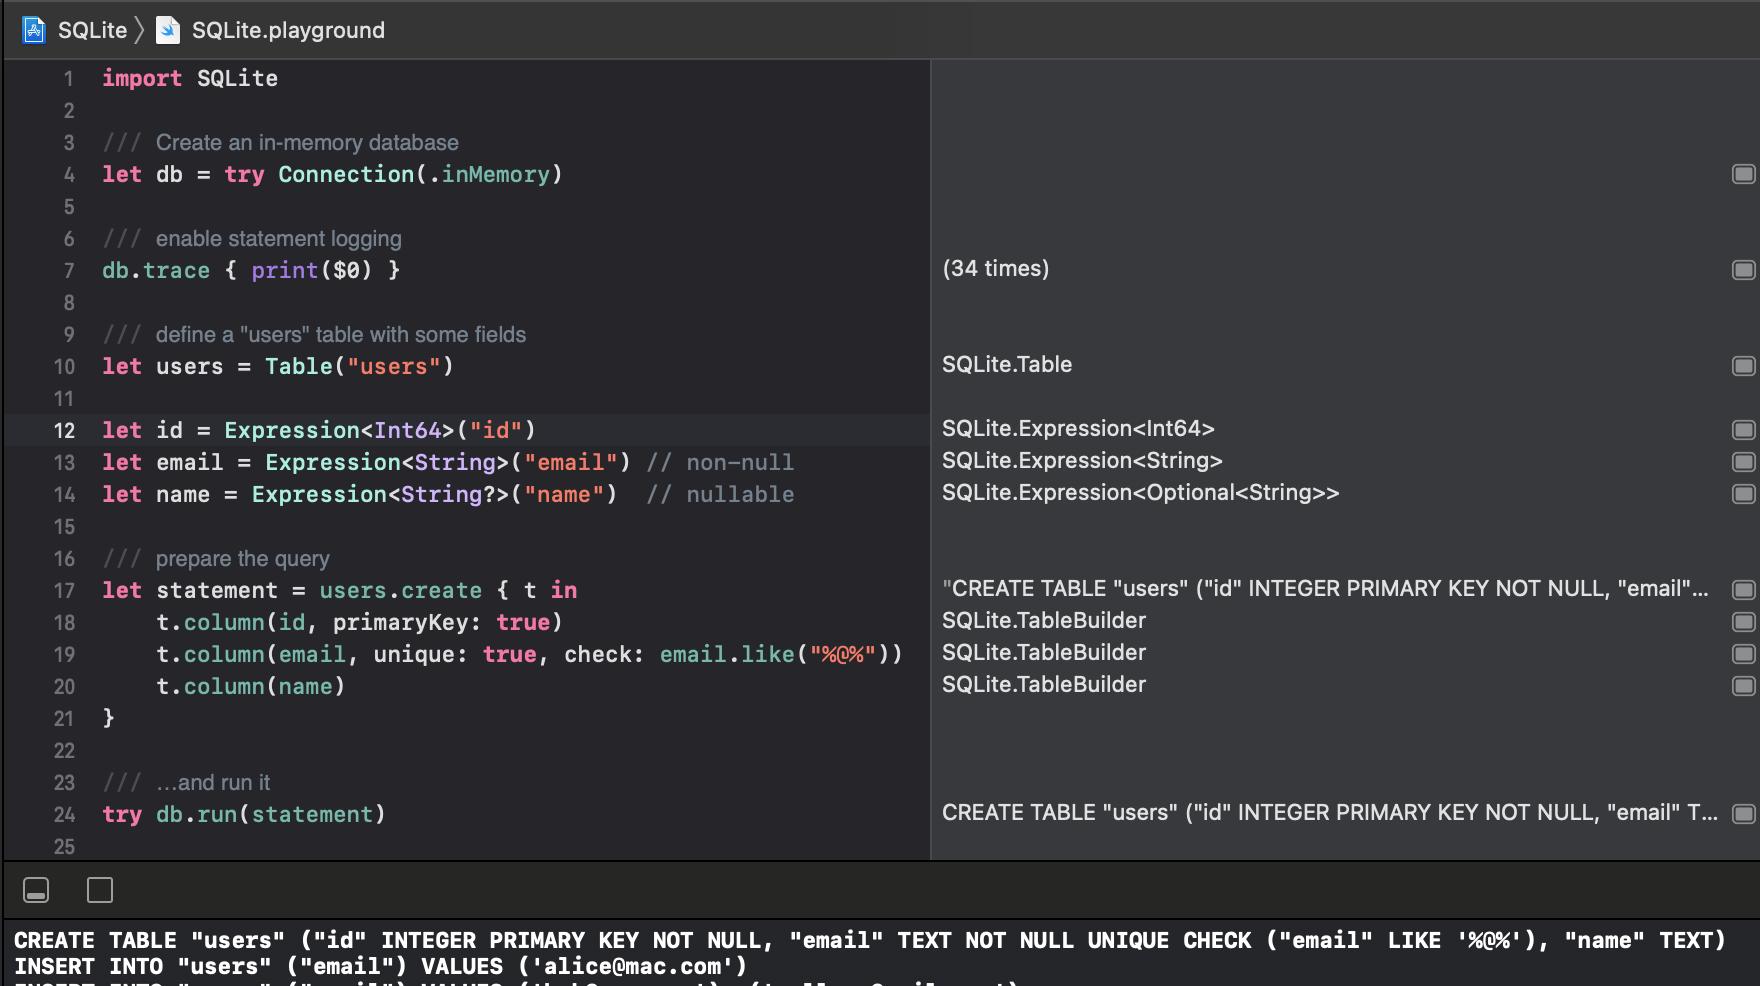 SQLite.playground Screen Shot